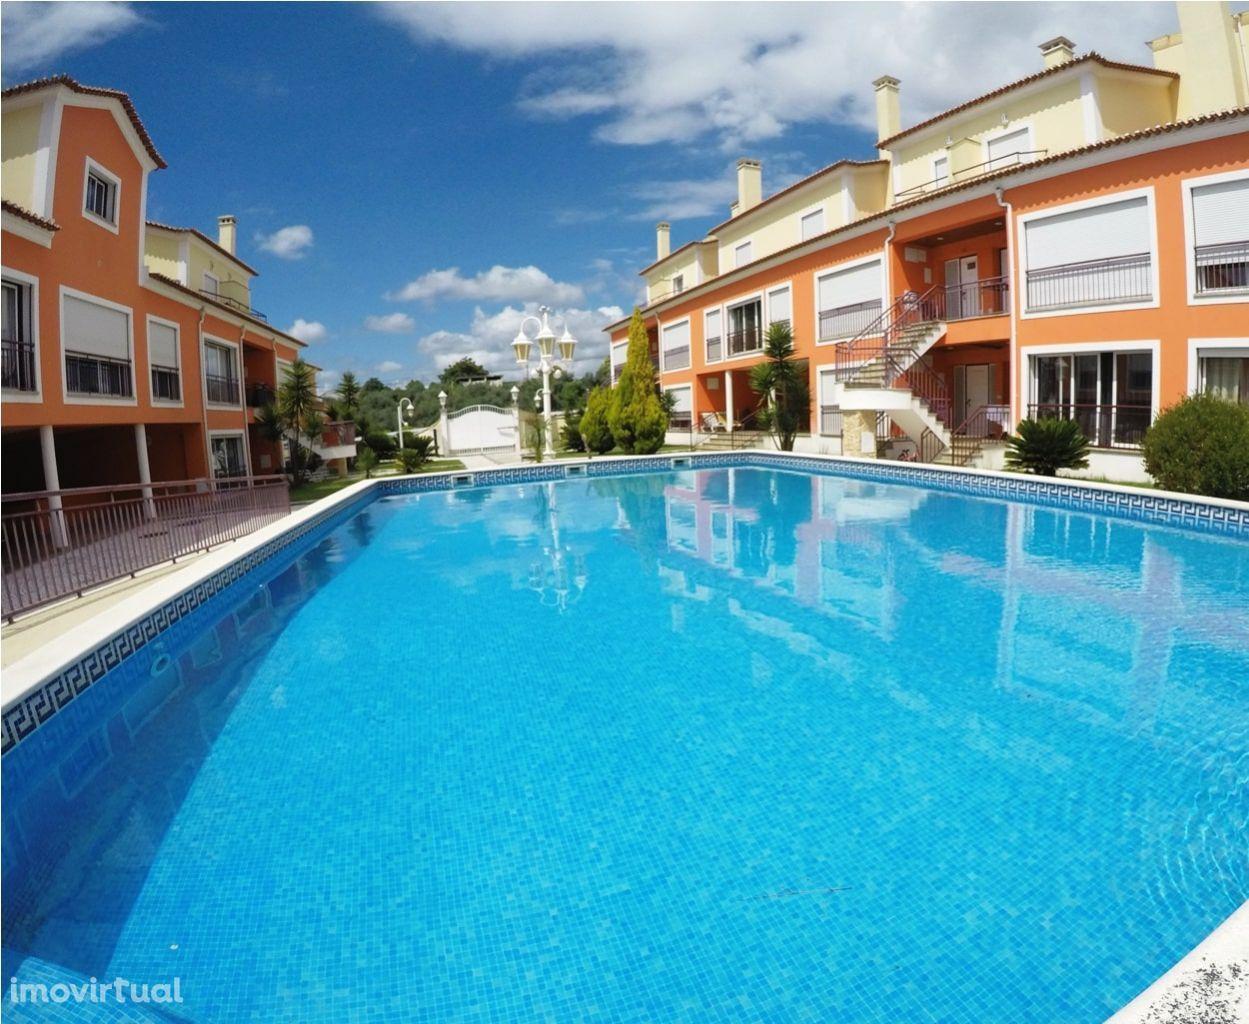 Apartamento T2 com Piscina - Condominio Vila Palmeira